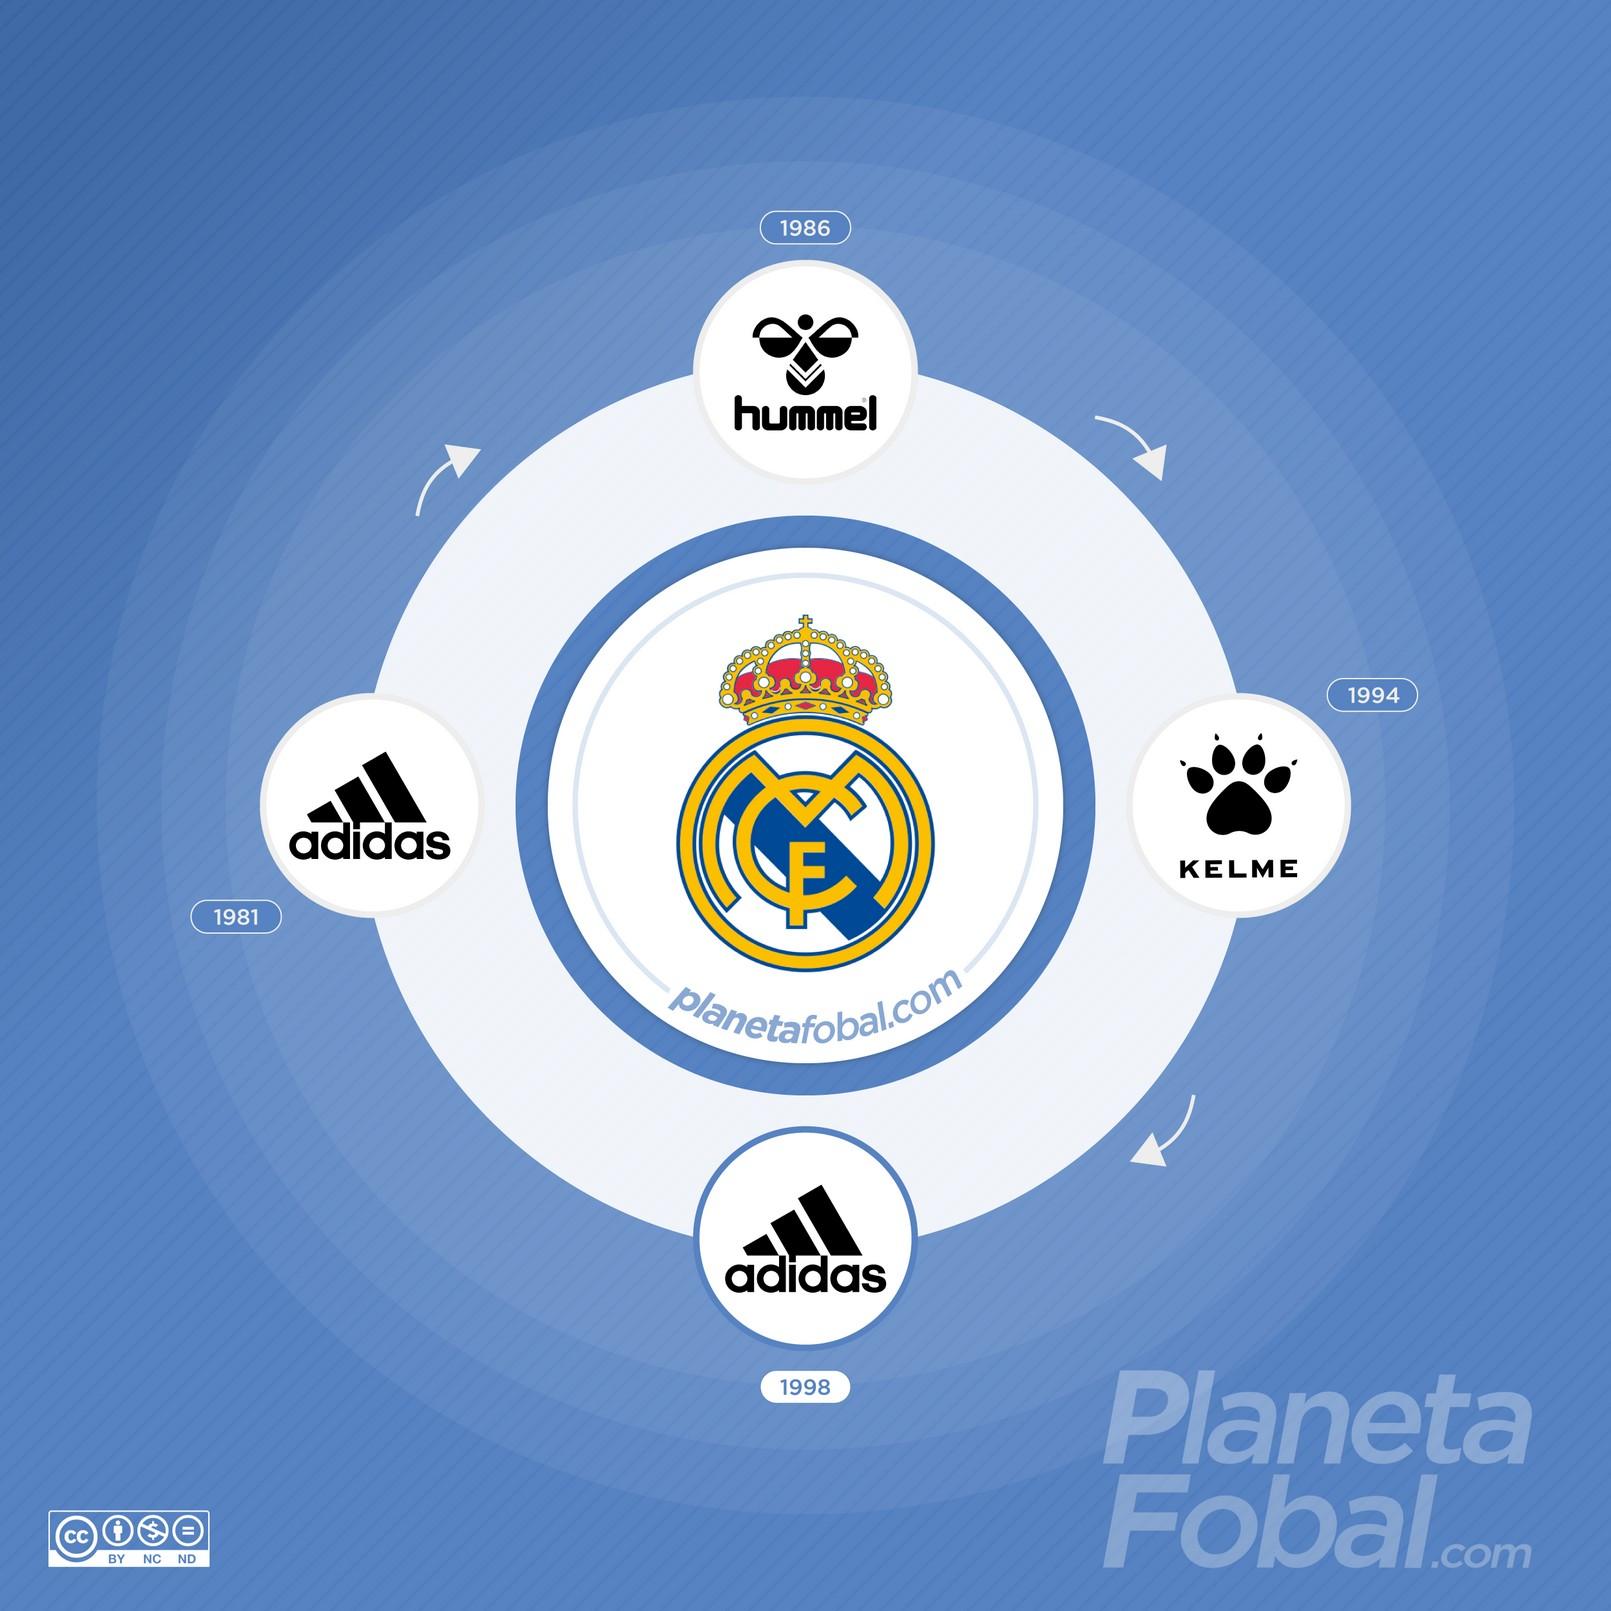 Marcas deportivas que vistieron al Real Madrid de España